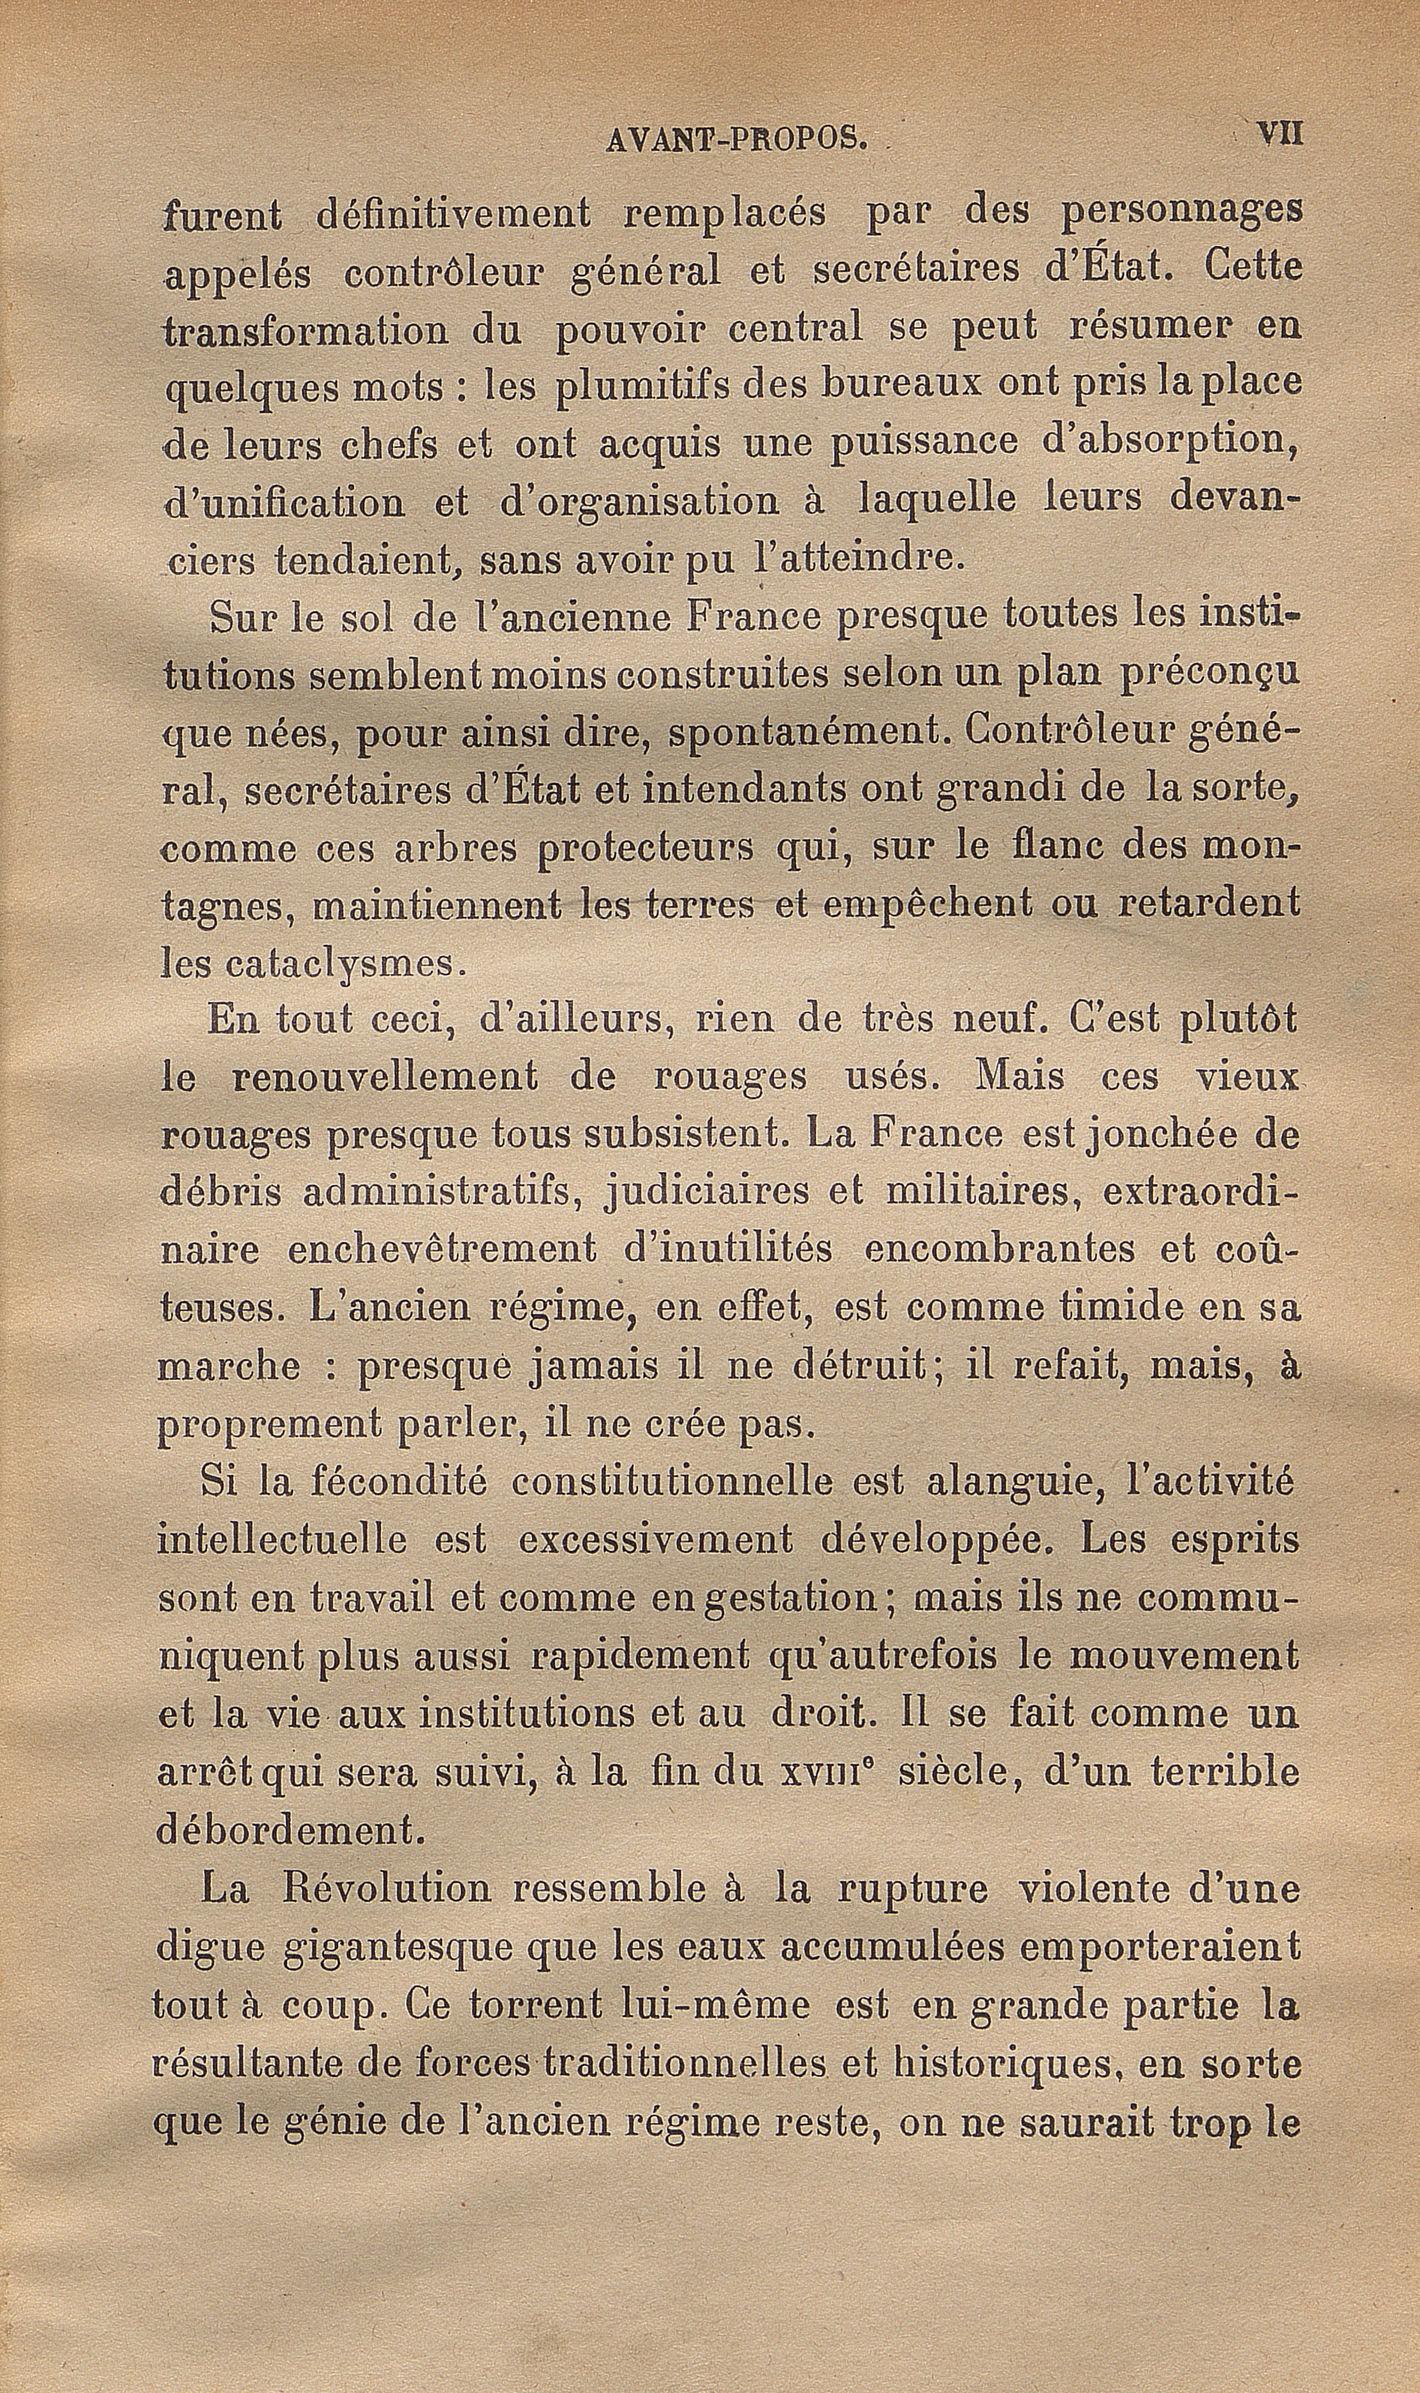 http://expo-paulviollet.univ-paris1.fr/wp-content/uploads/2016/02/0605381272_0011.jpg